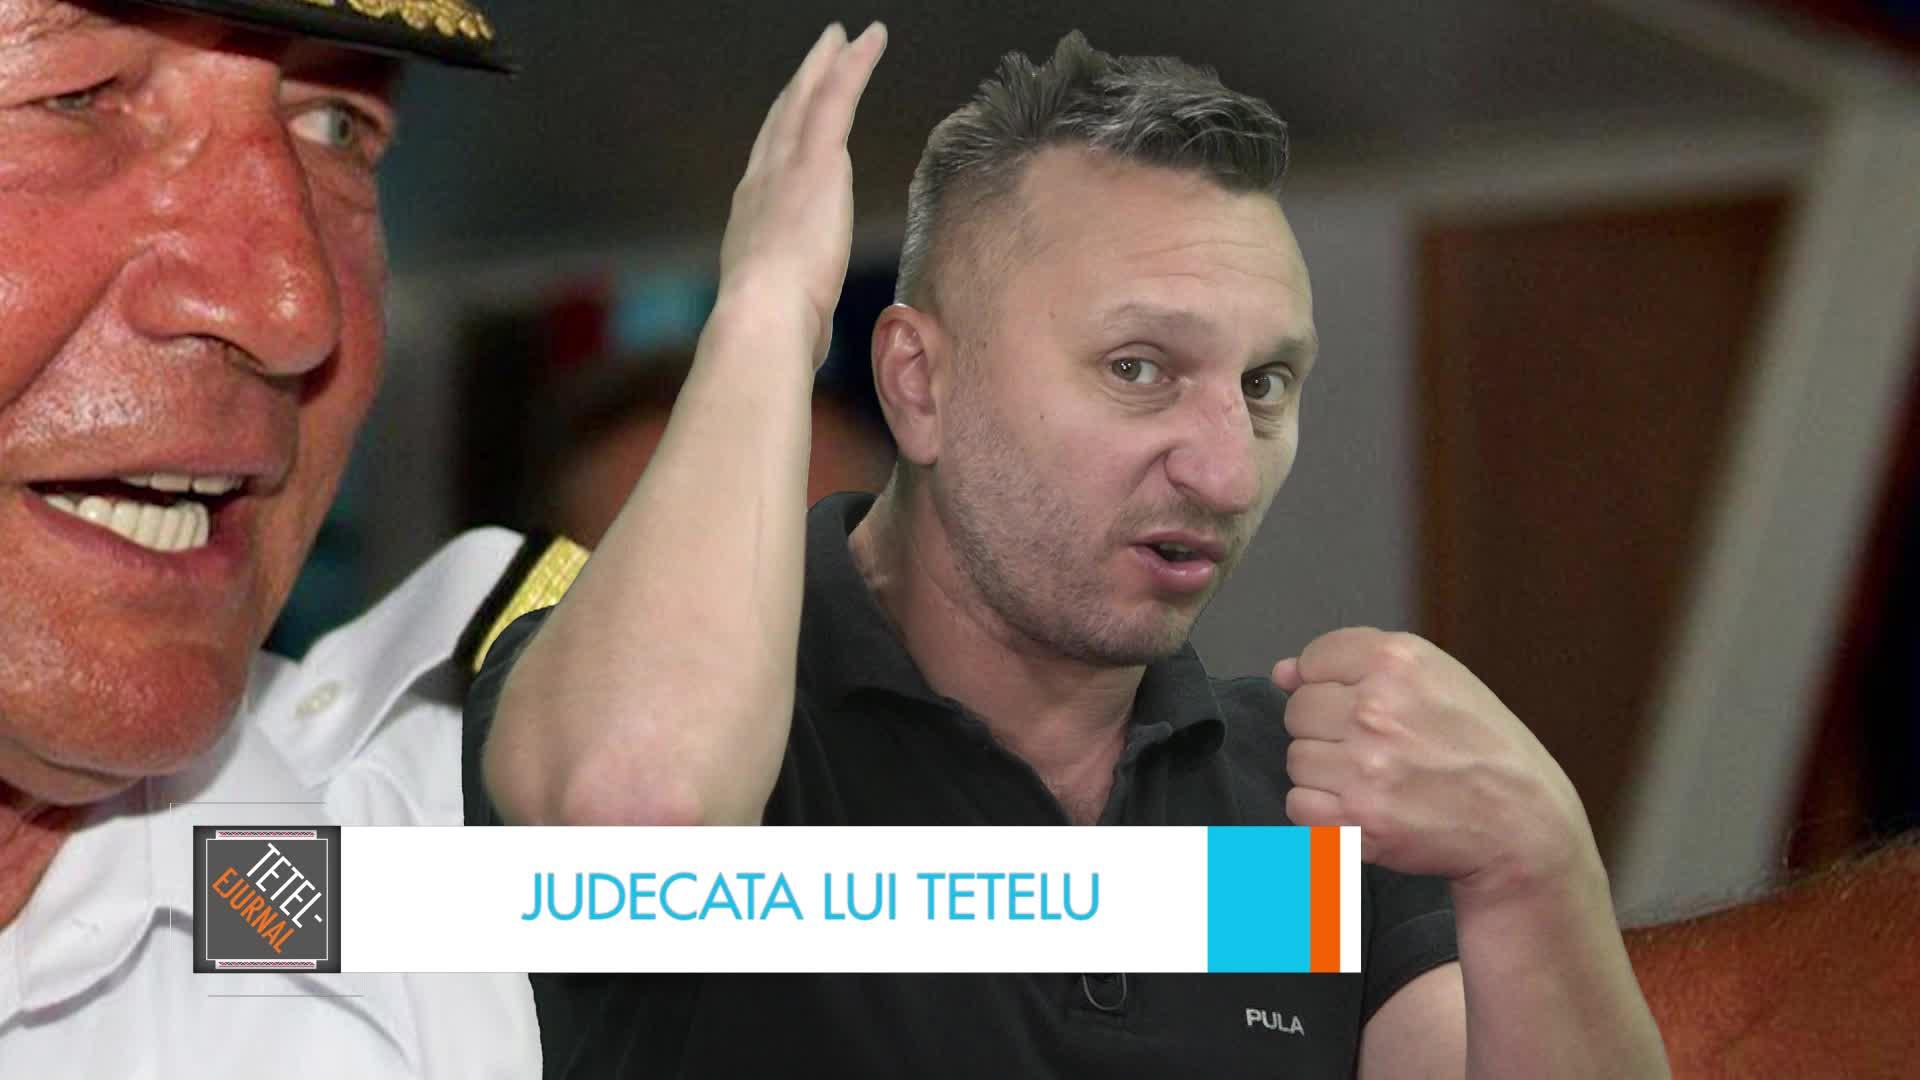 Judecata lui Tetelu: Despre dependenţa de alcool